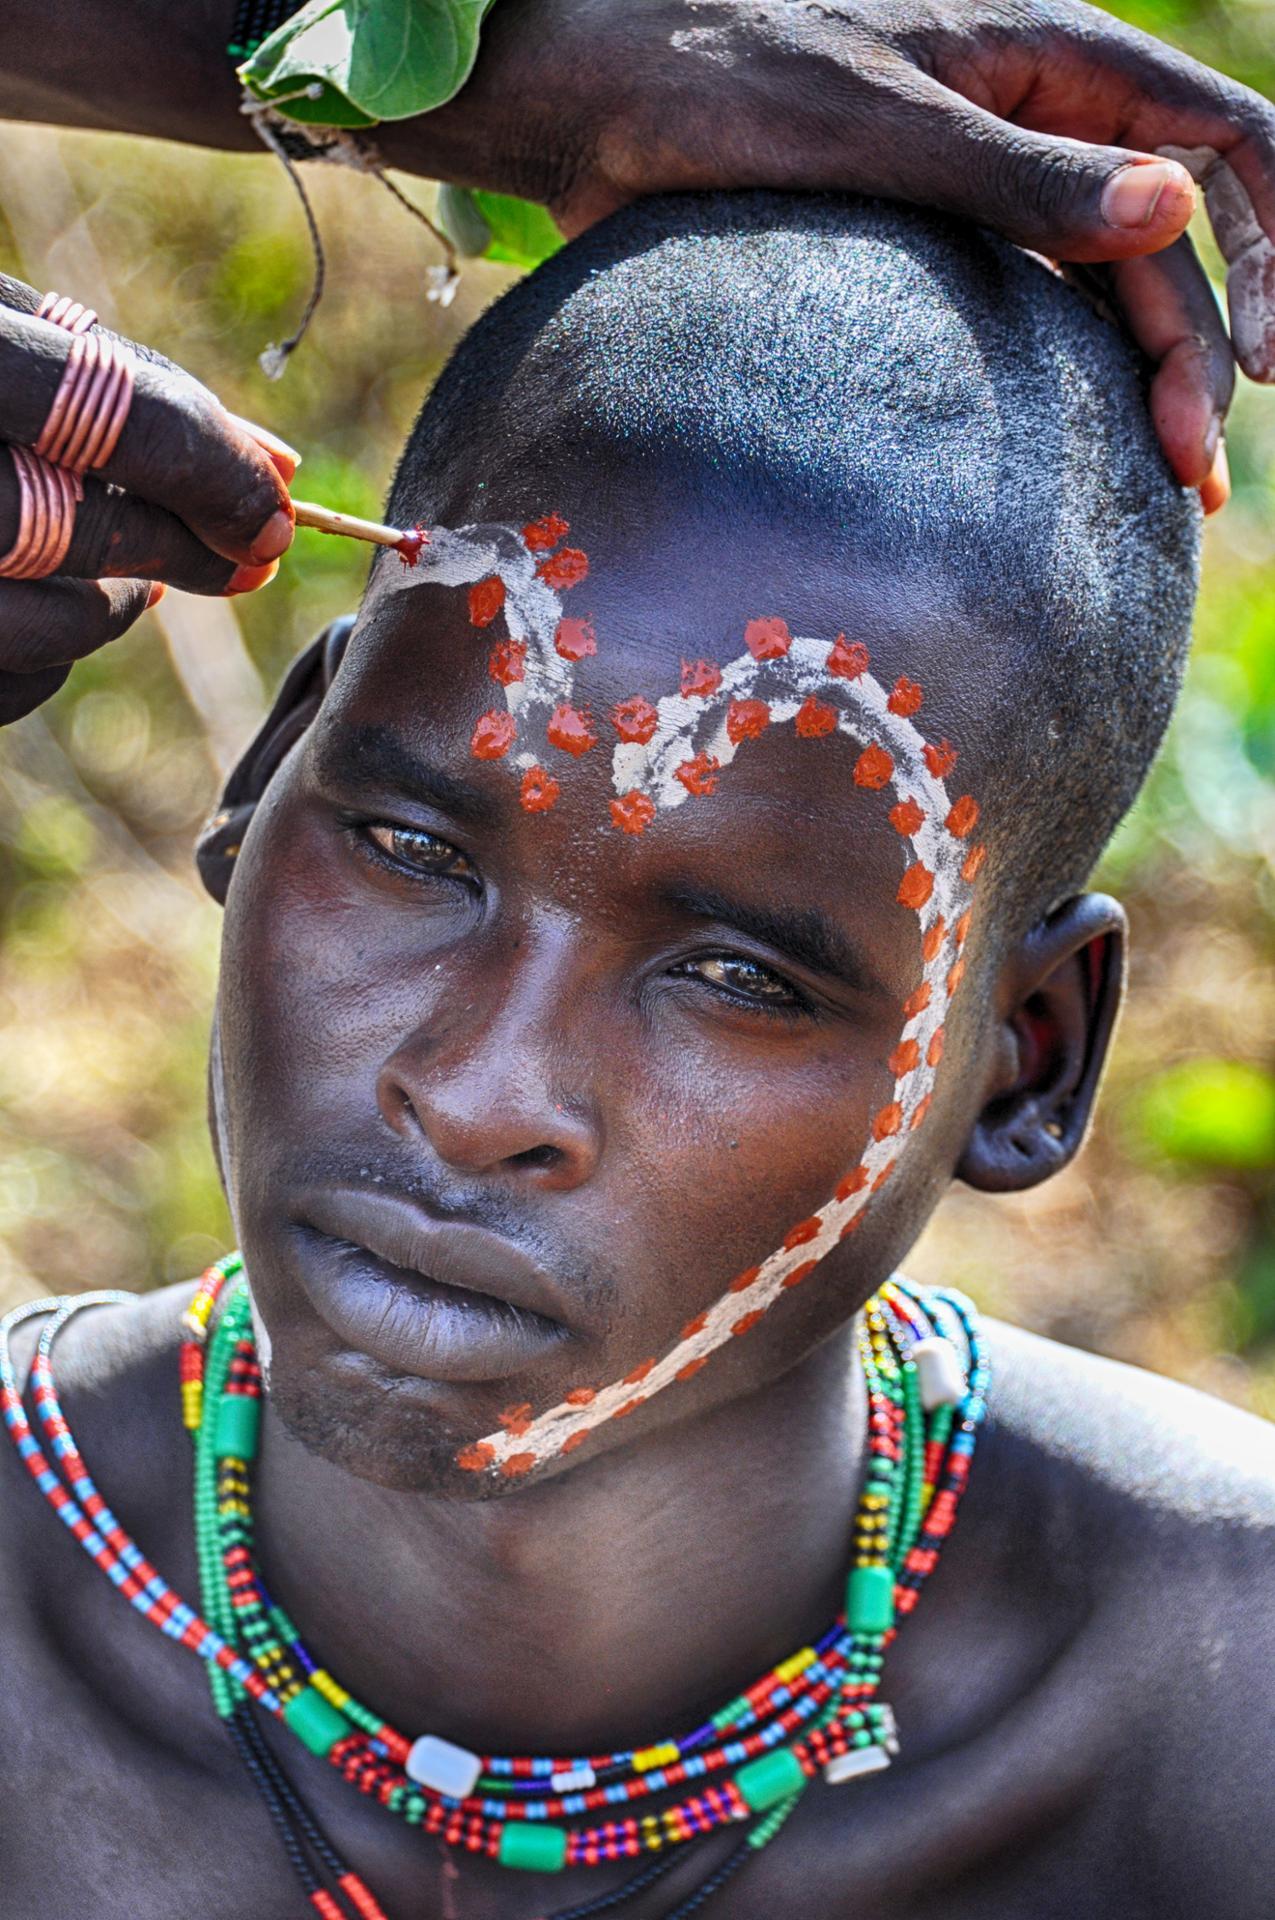 Séance de maquillage avant la cérémonie de mariage chez l'ethnie Hamar  (Vallée de l'Omo, Ethiopie)